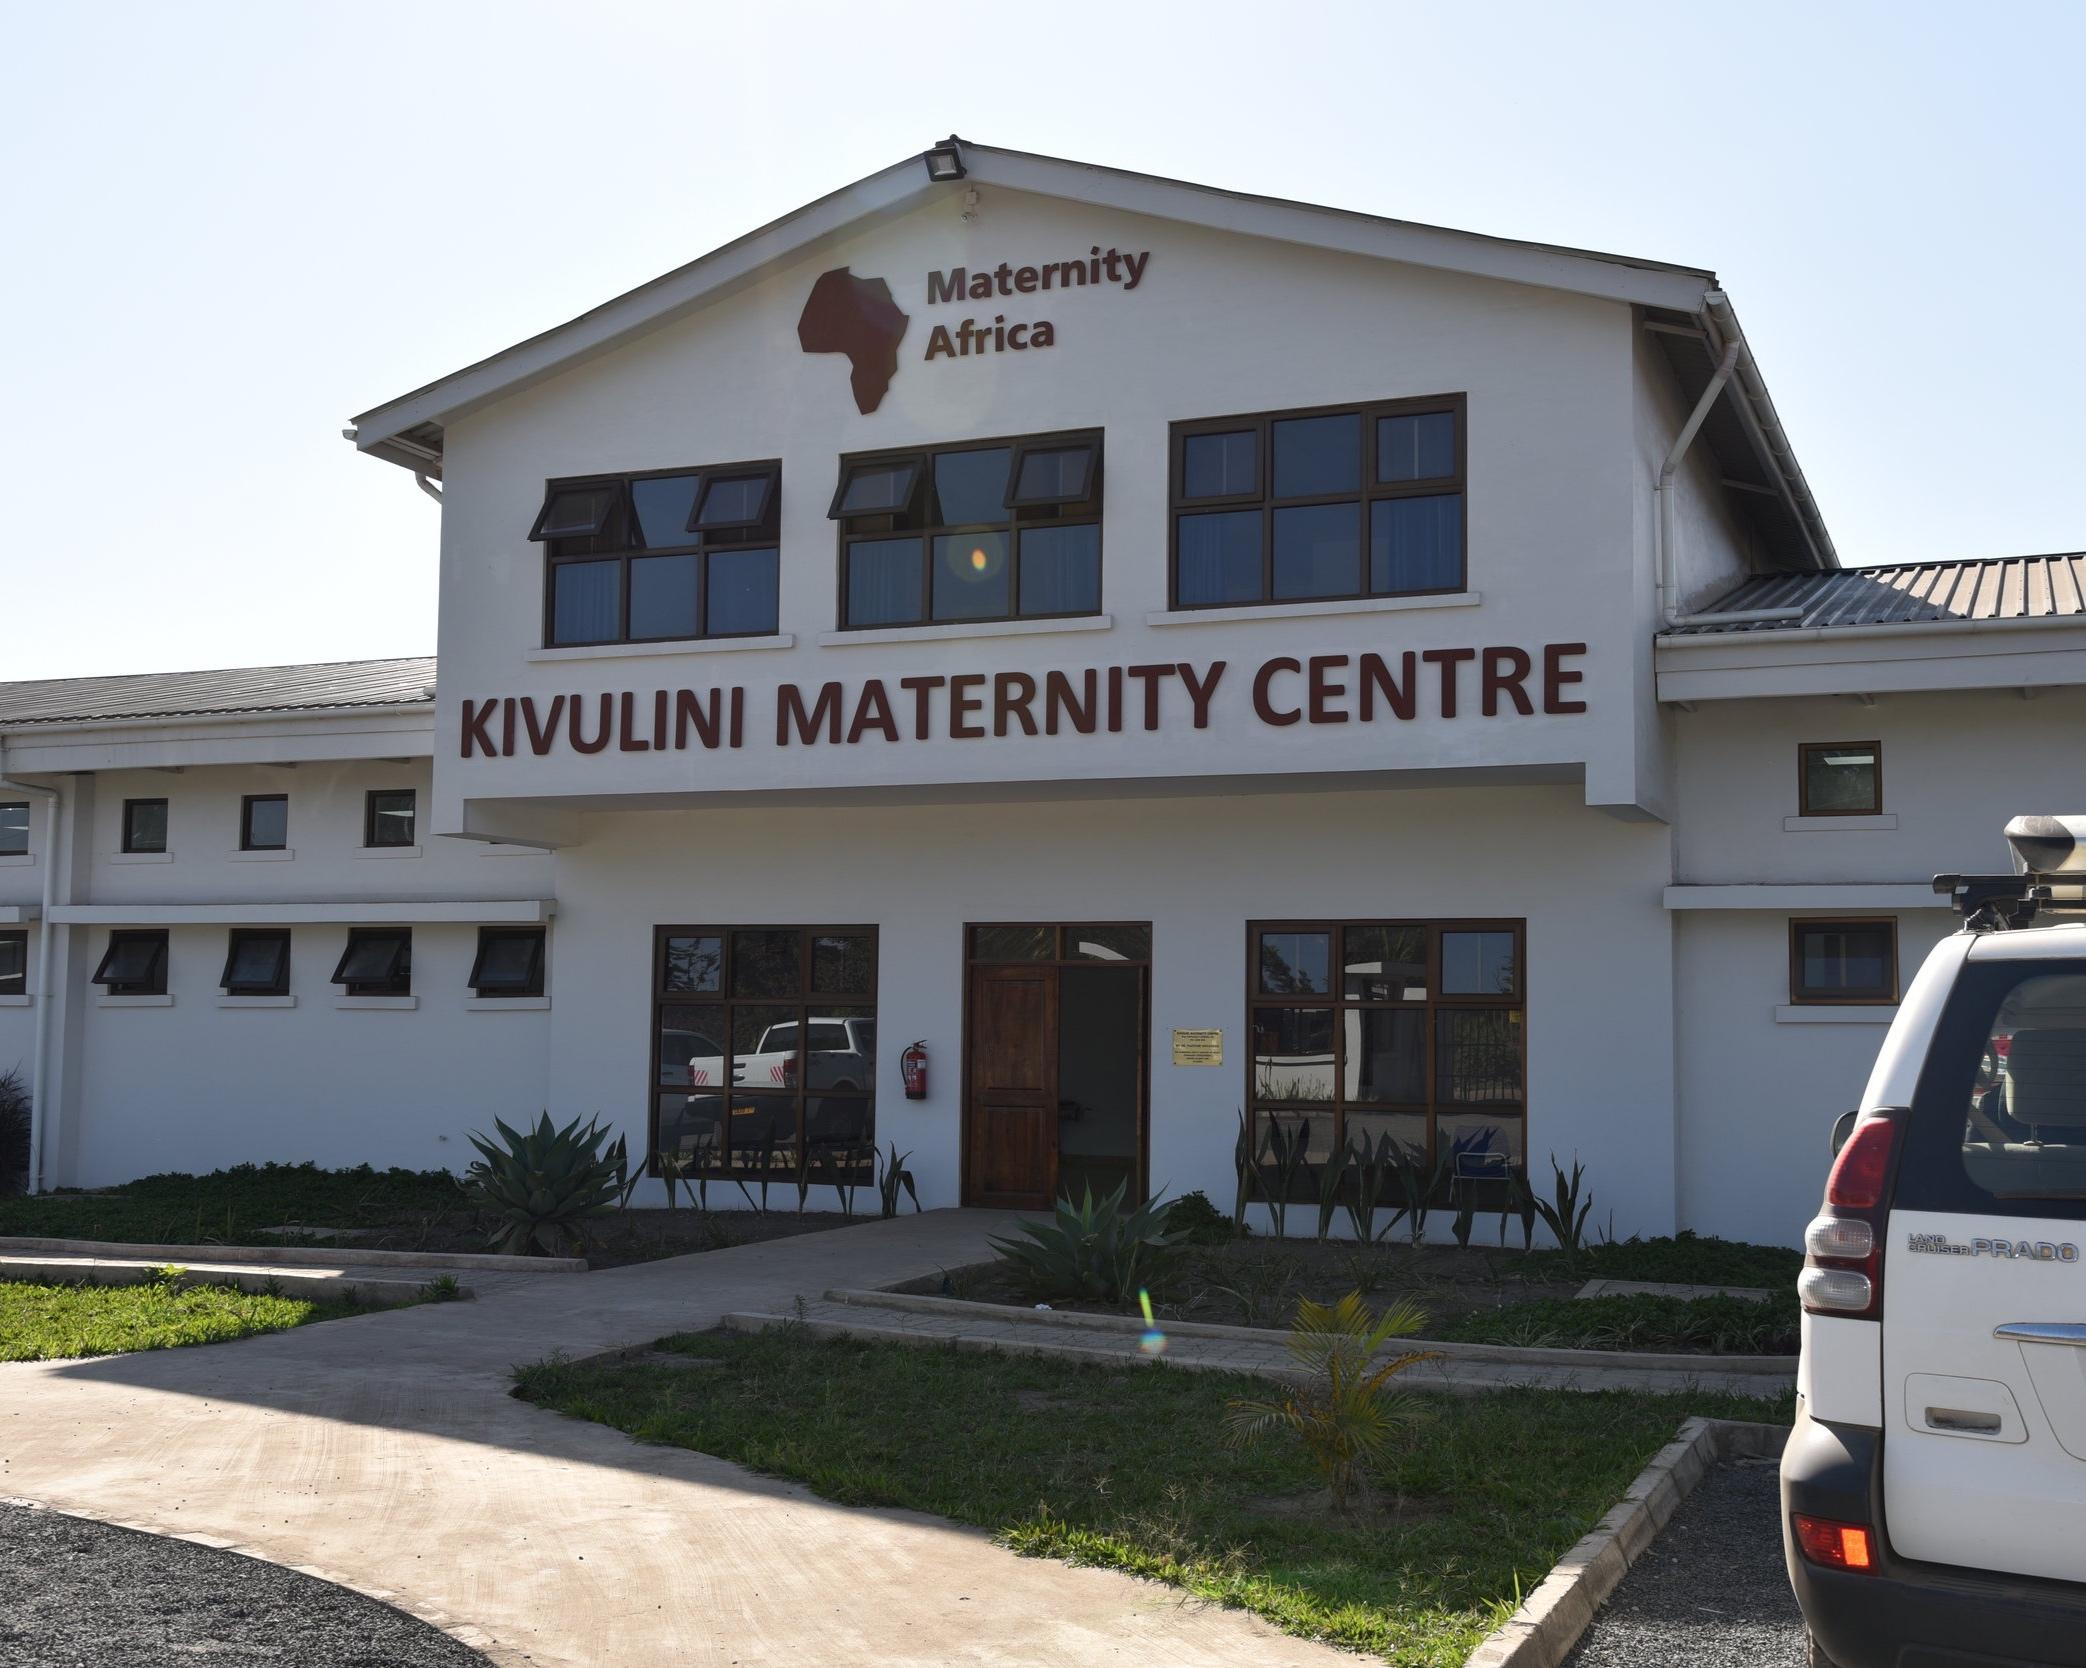 The Kivulini Hospital in Arusha